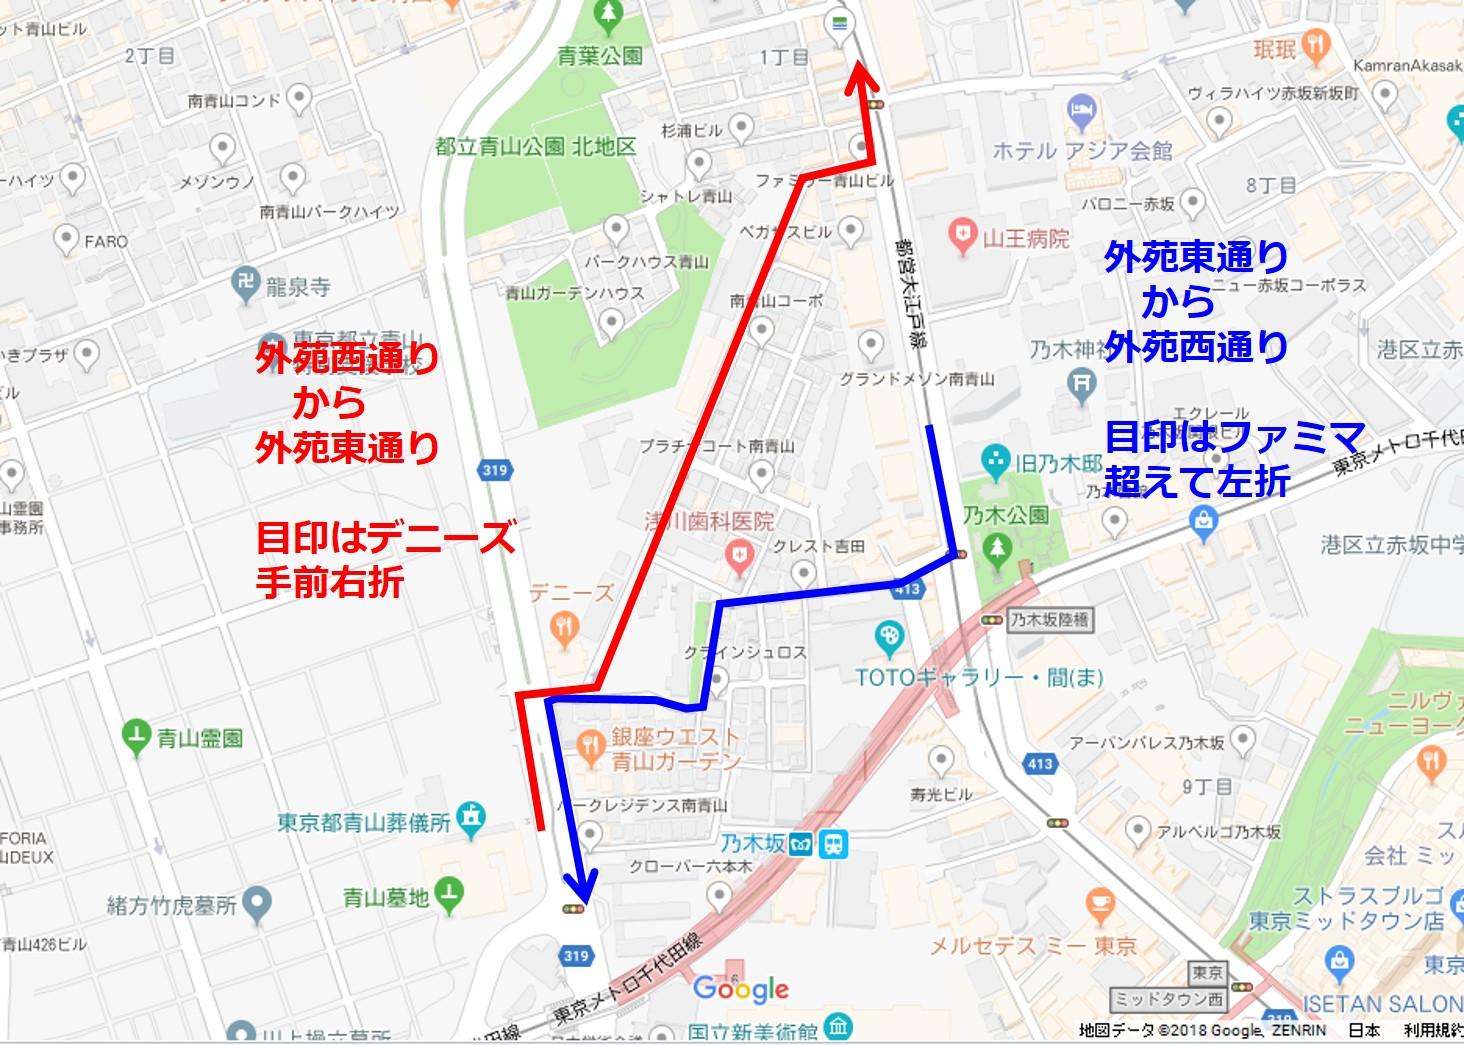 乃木坂 外苑東と外苑西スイッチルート